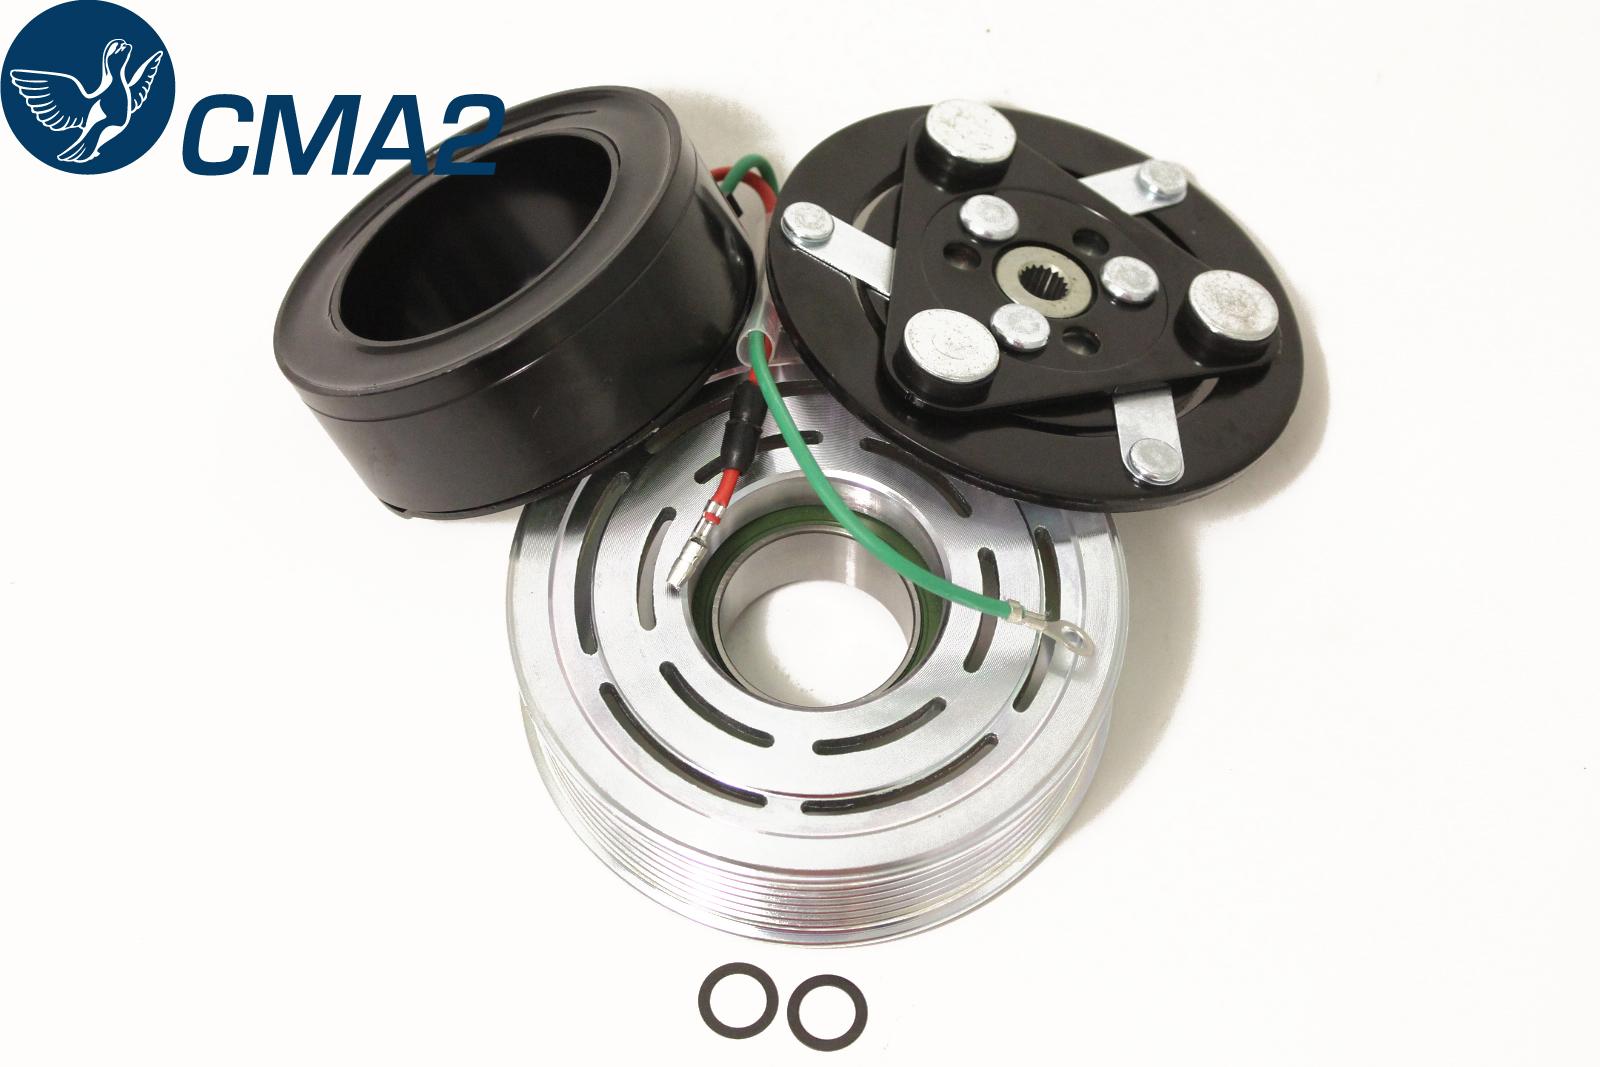 Муфта компрессора кондиционера Хонда ЦРВ-3 2.4, 38900-RZA-004, 38900-RZA-014, 38924-RWC-A01, 38924-RWC-A02.